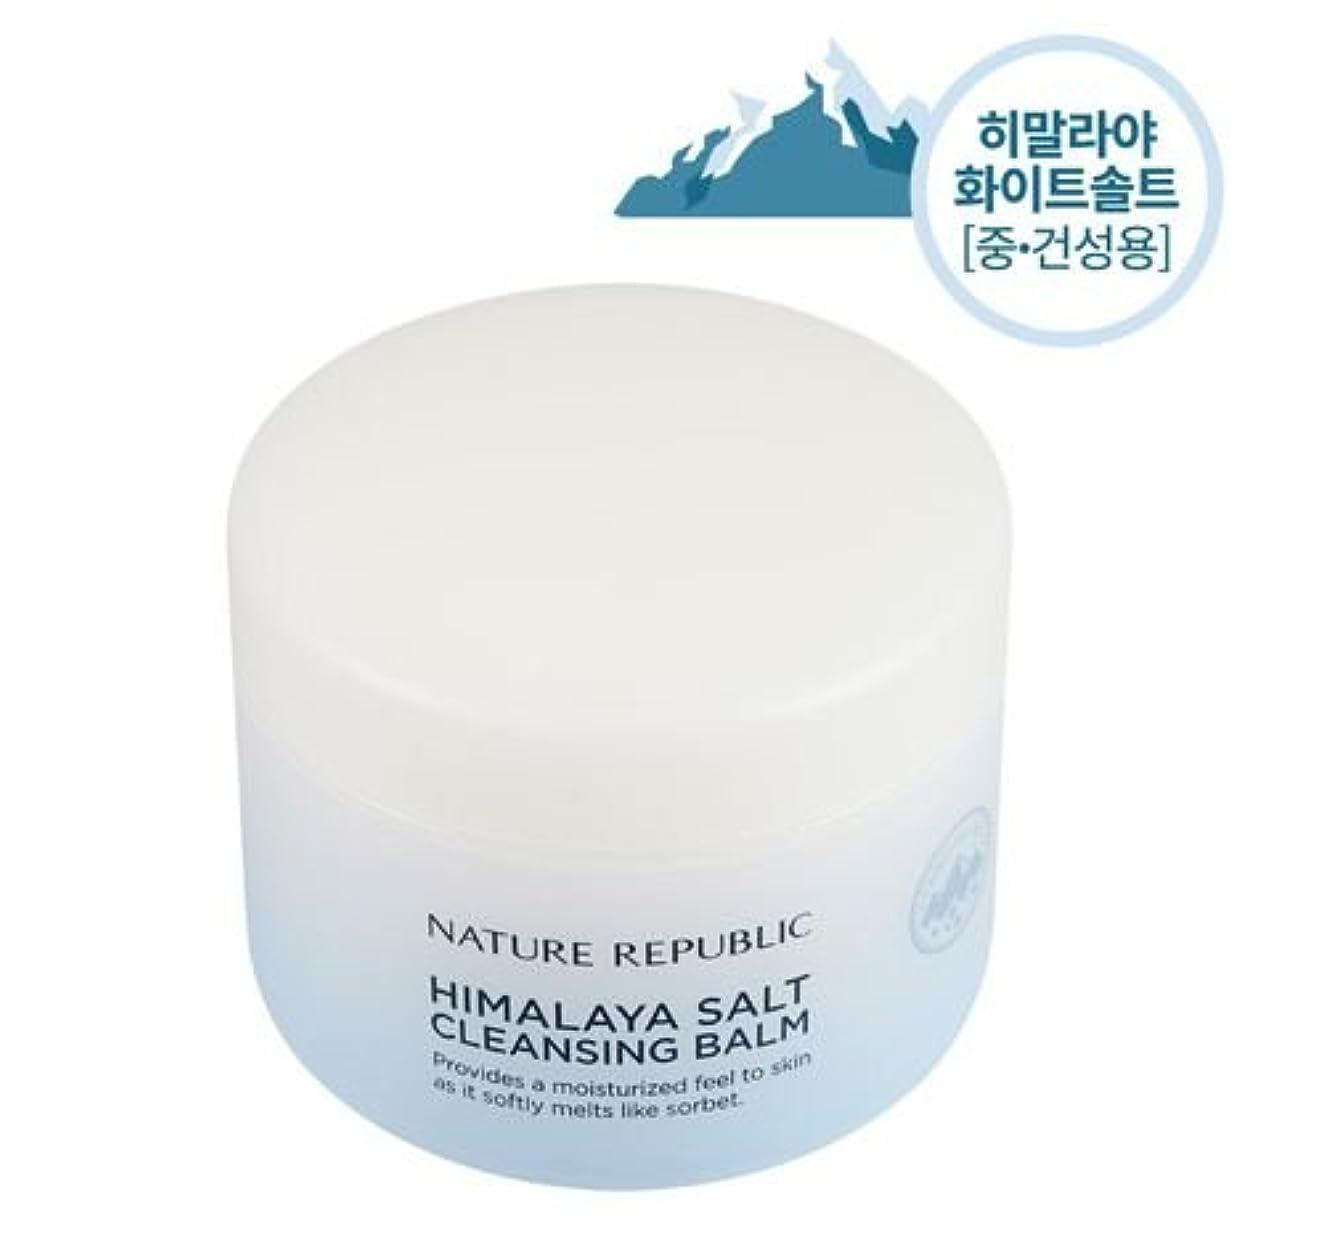 吸収するキャベツ風が強いNATURE REPUBLIC Himalaya salt cleansing balm (white salt)ヒマラヤソルトクレンジングバーム(white salt) [並行輸入品]